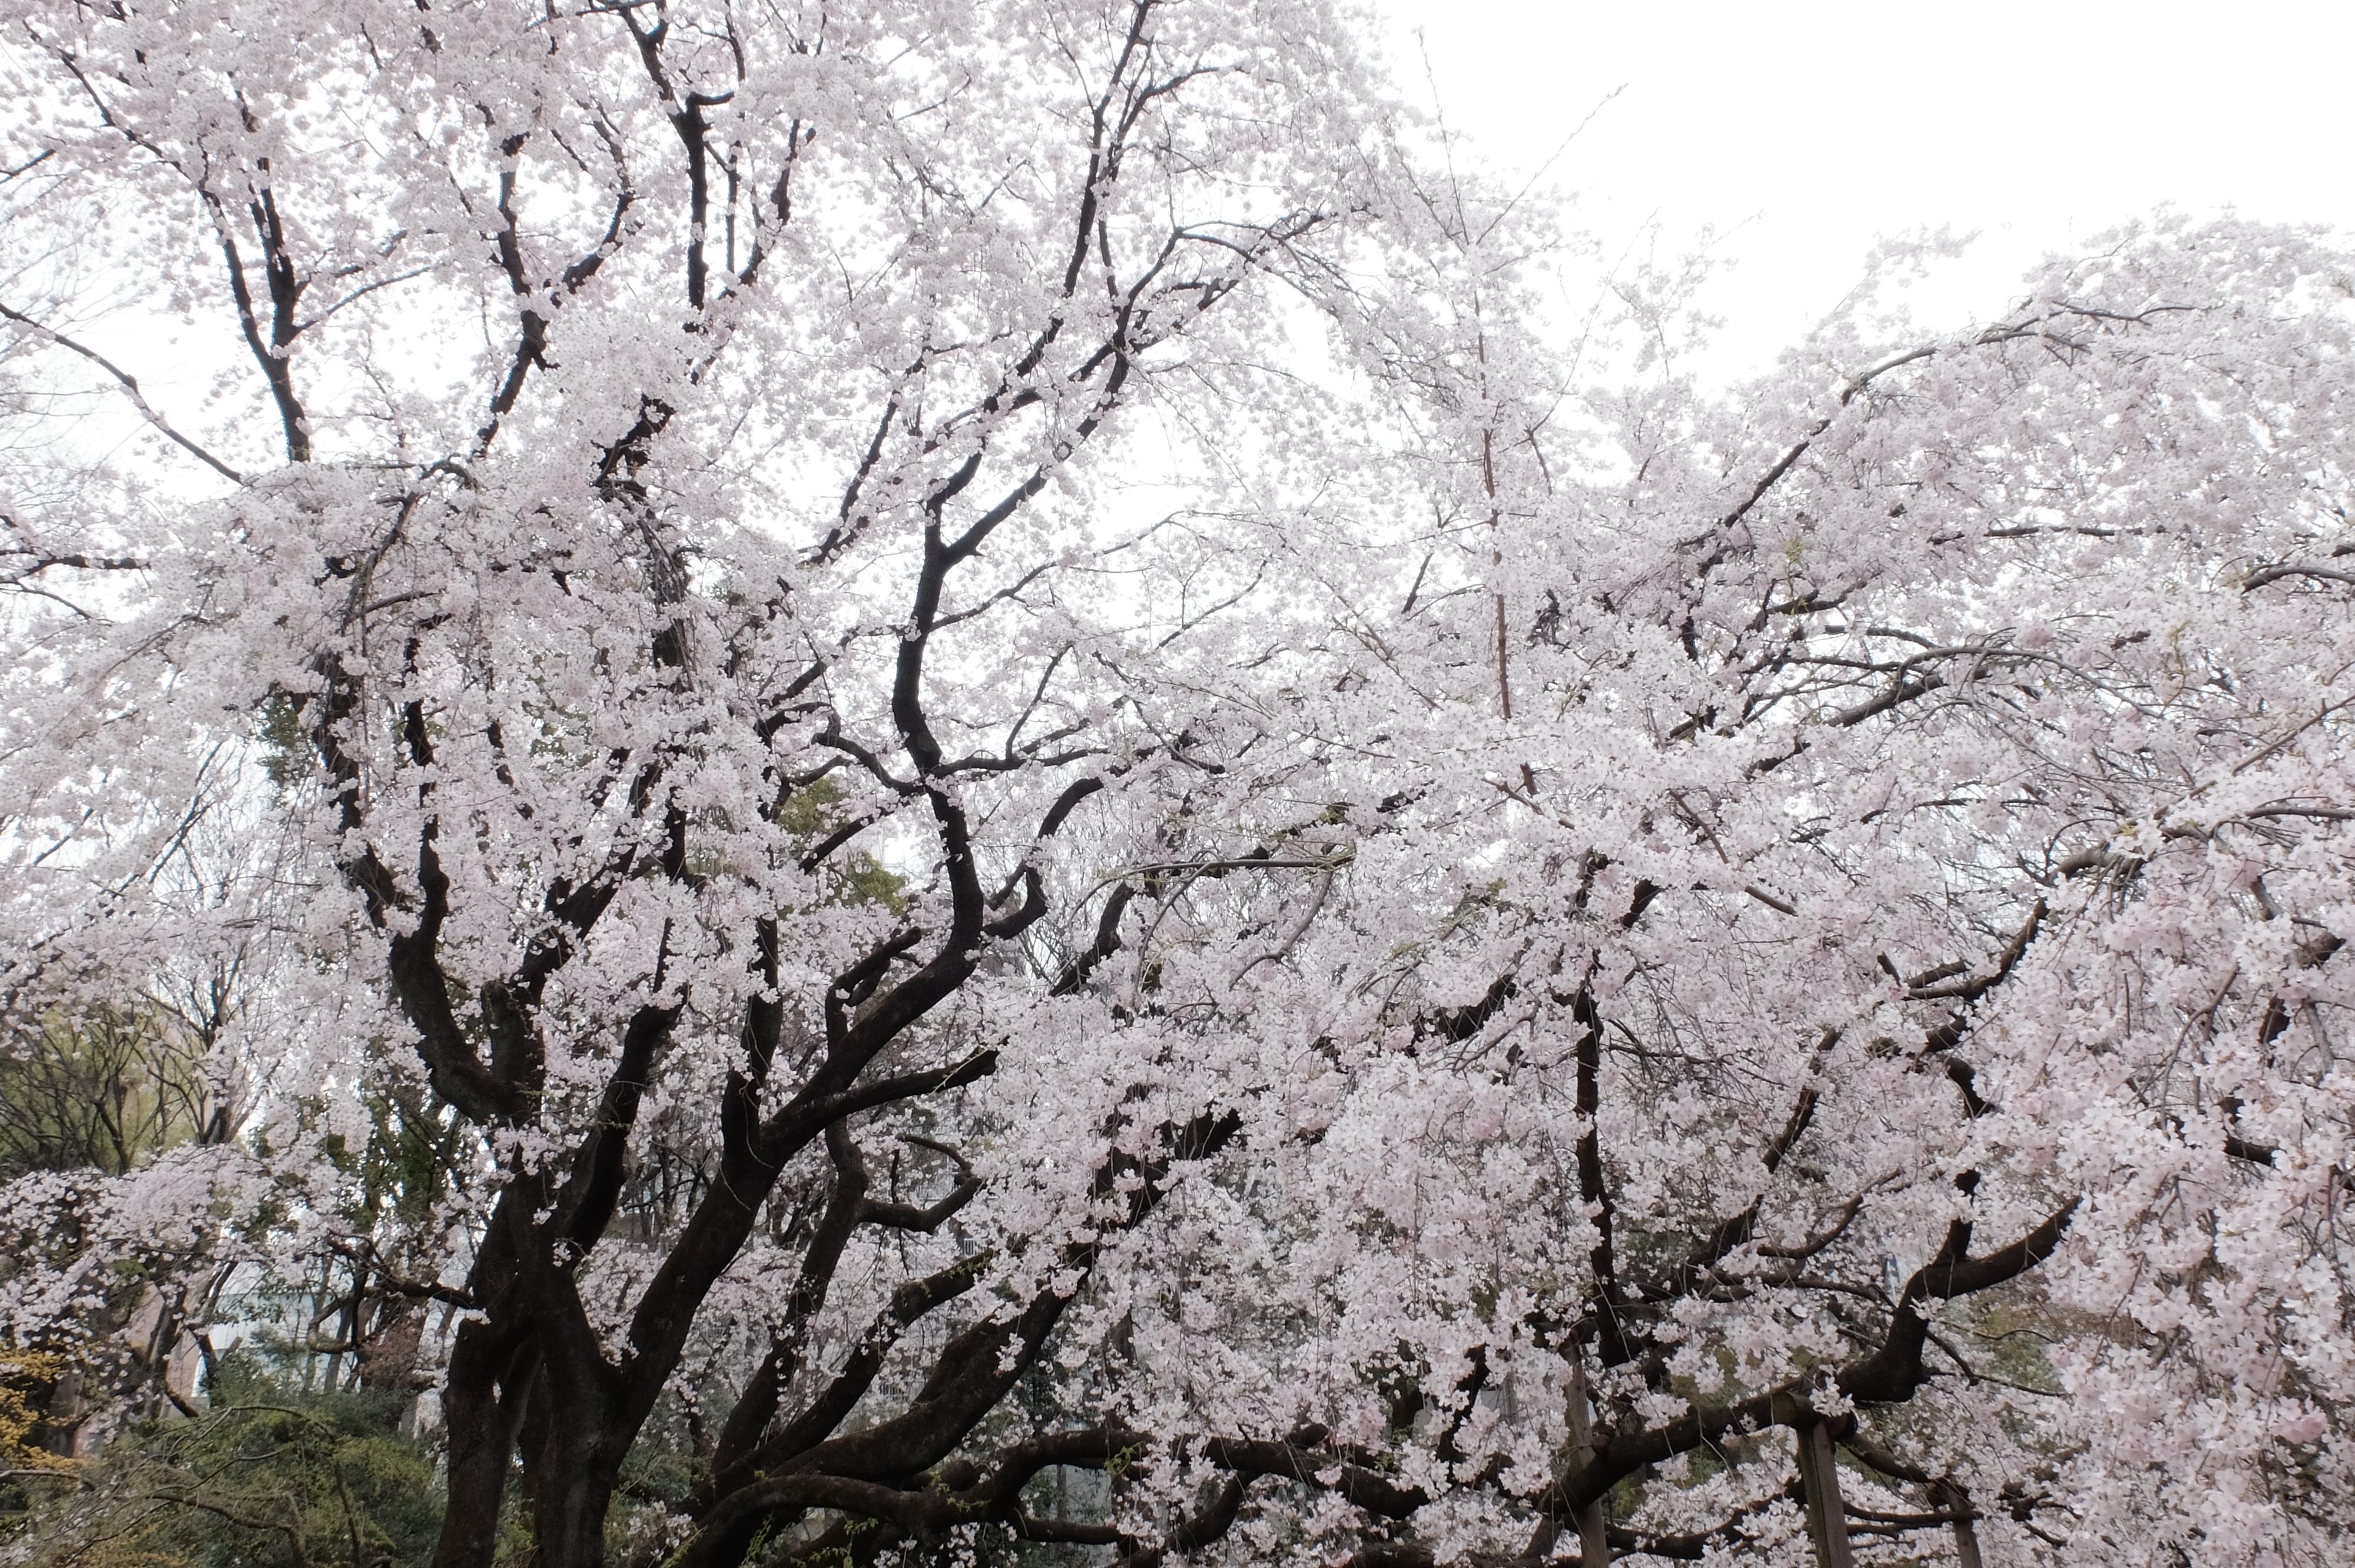 Sfondi giappone ramo fiore di ciliegio fiorire for Pianta di ciliegio